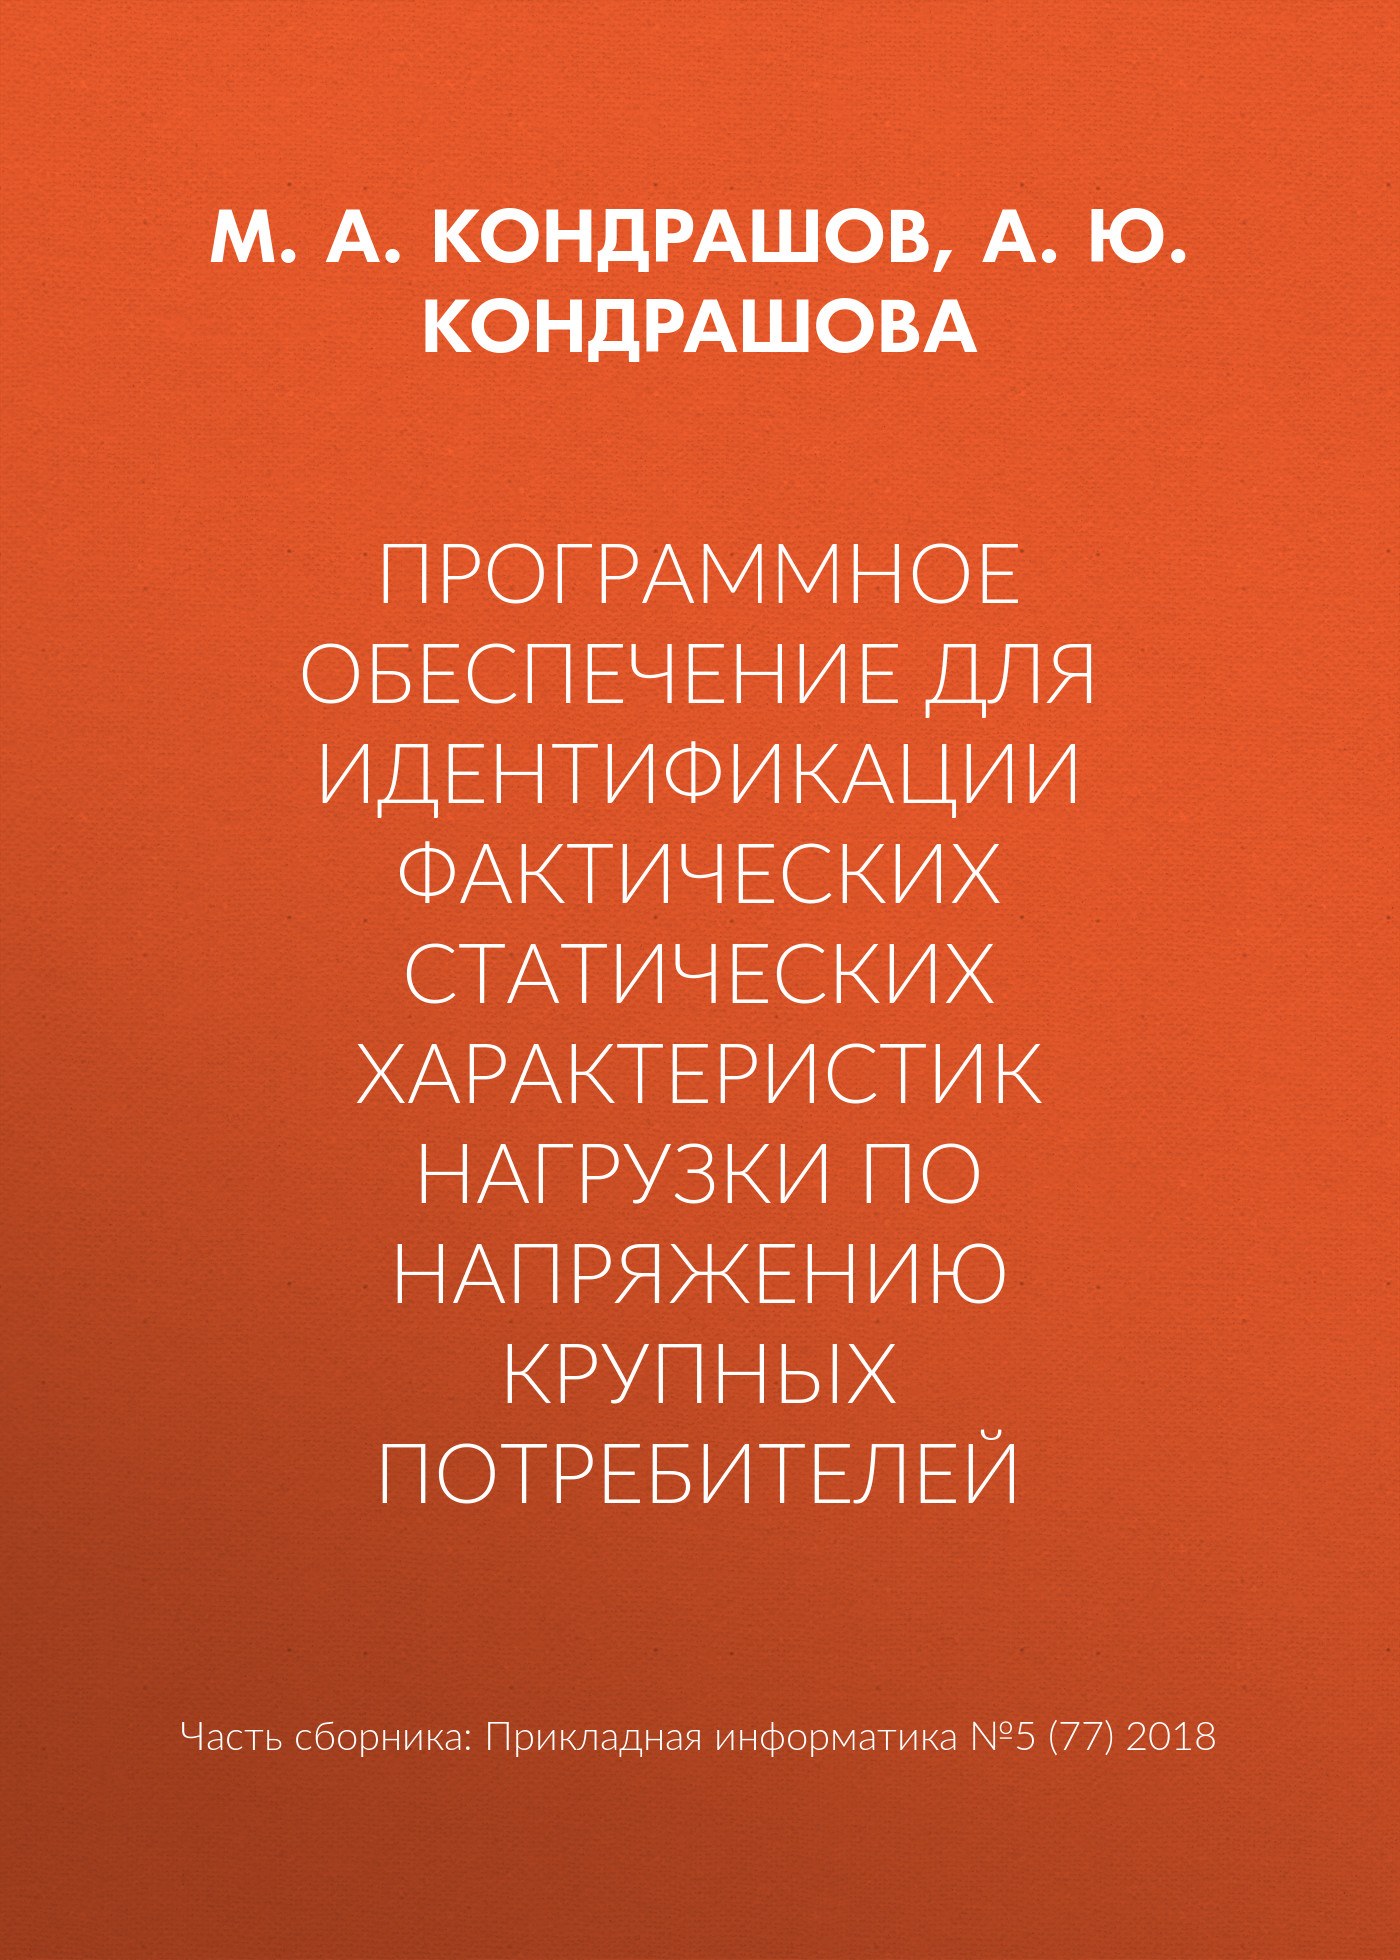 М. А. Кондрашов Программное обеспечение для идентификации фактических статических характеристик нагрузки по напряжению крупных потребителей